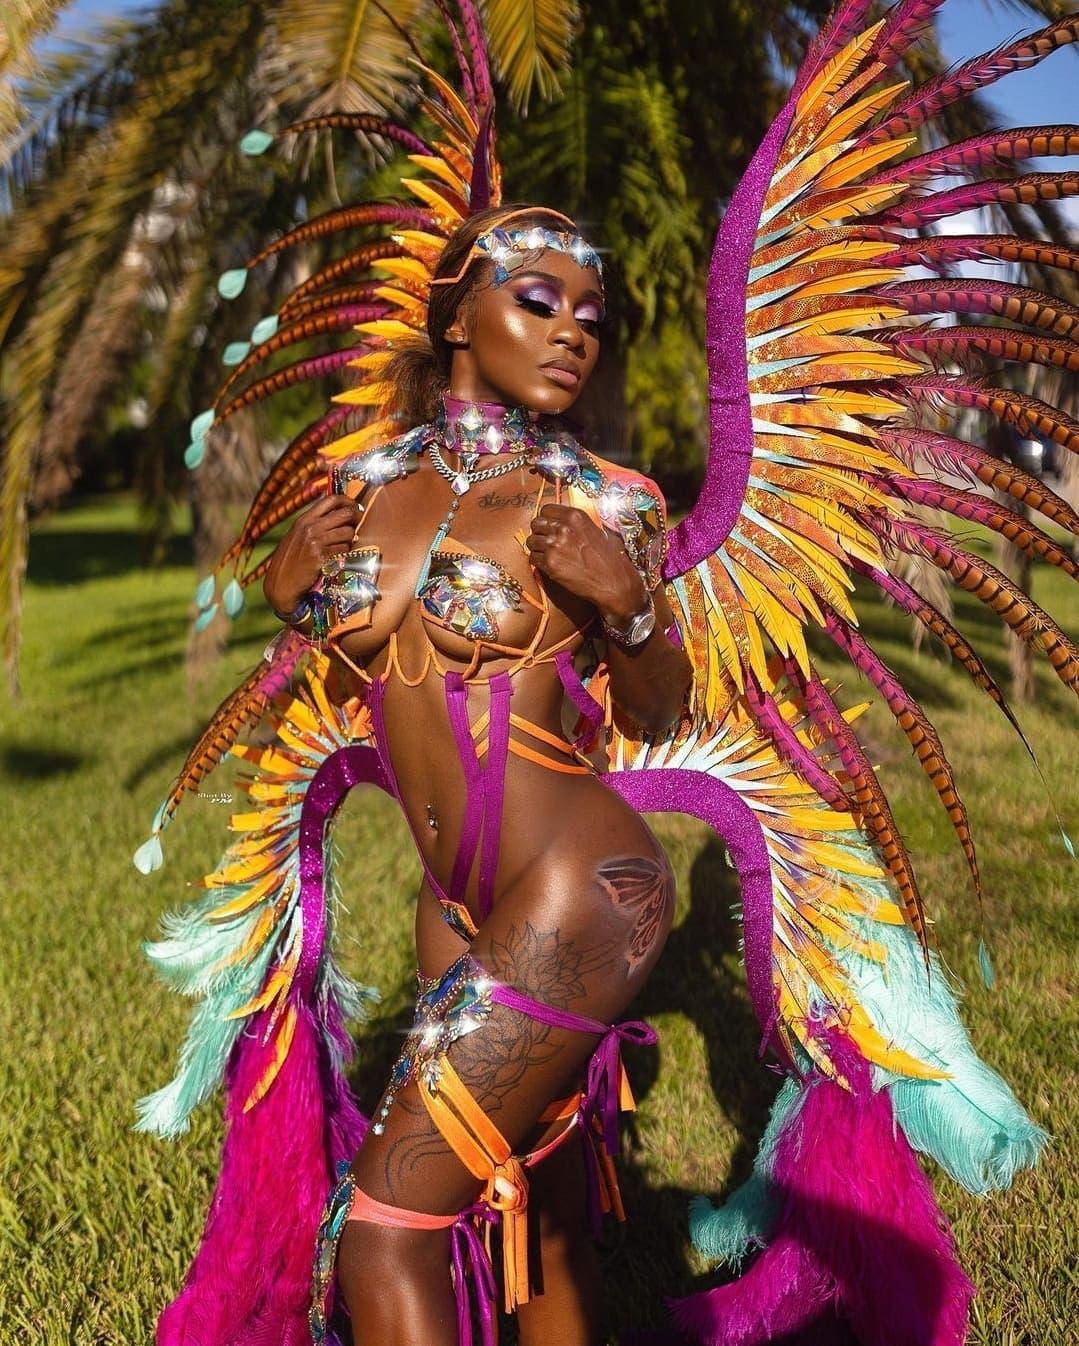 miami-carnival-2021-4.jpg